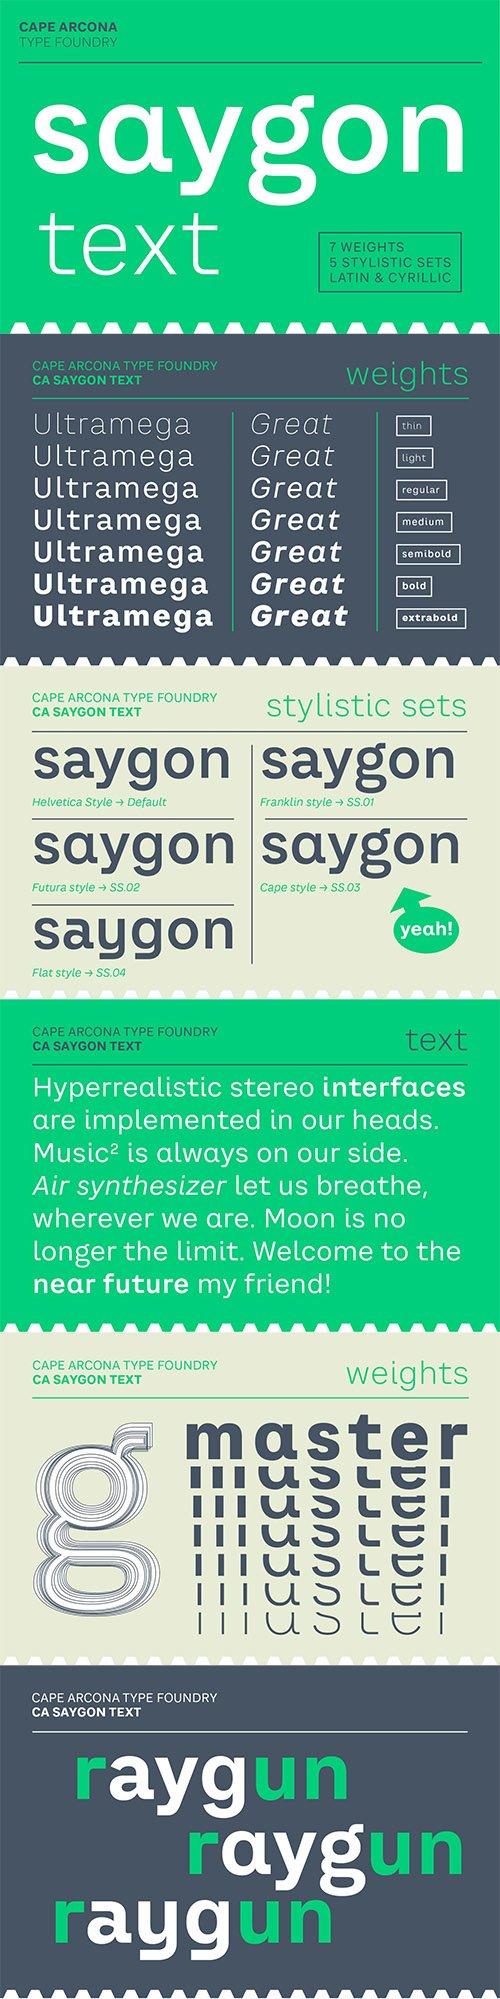 CA Saygon Text Font